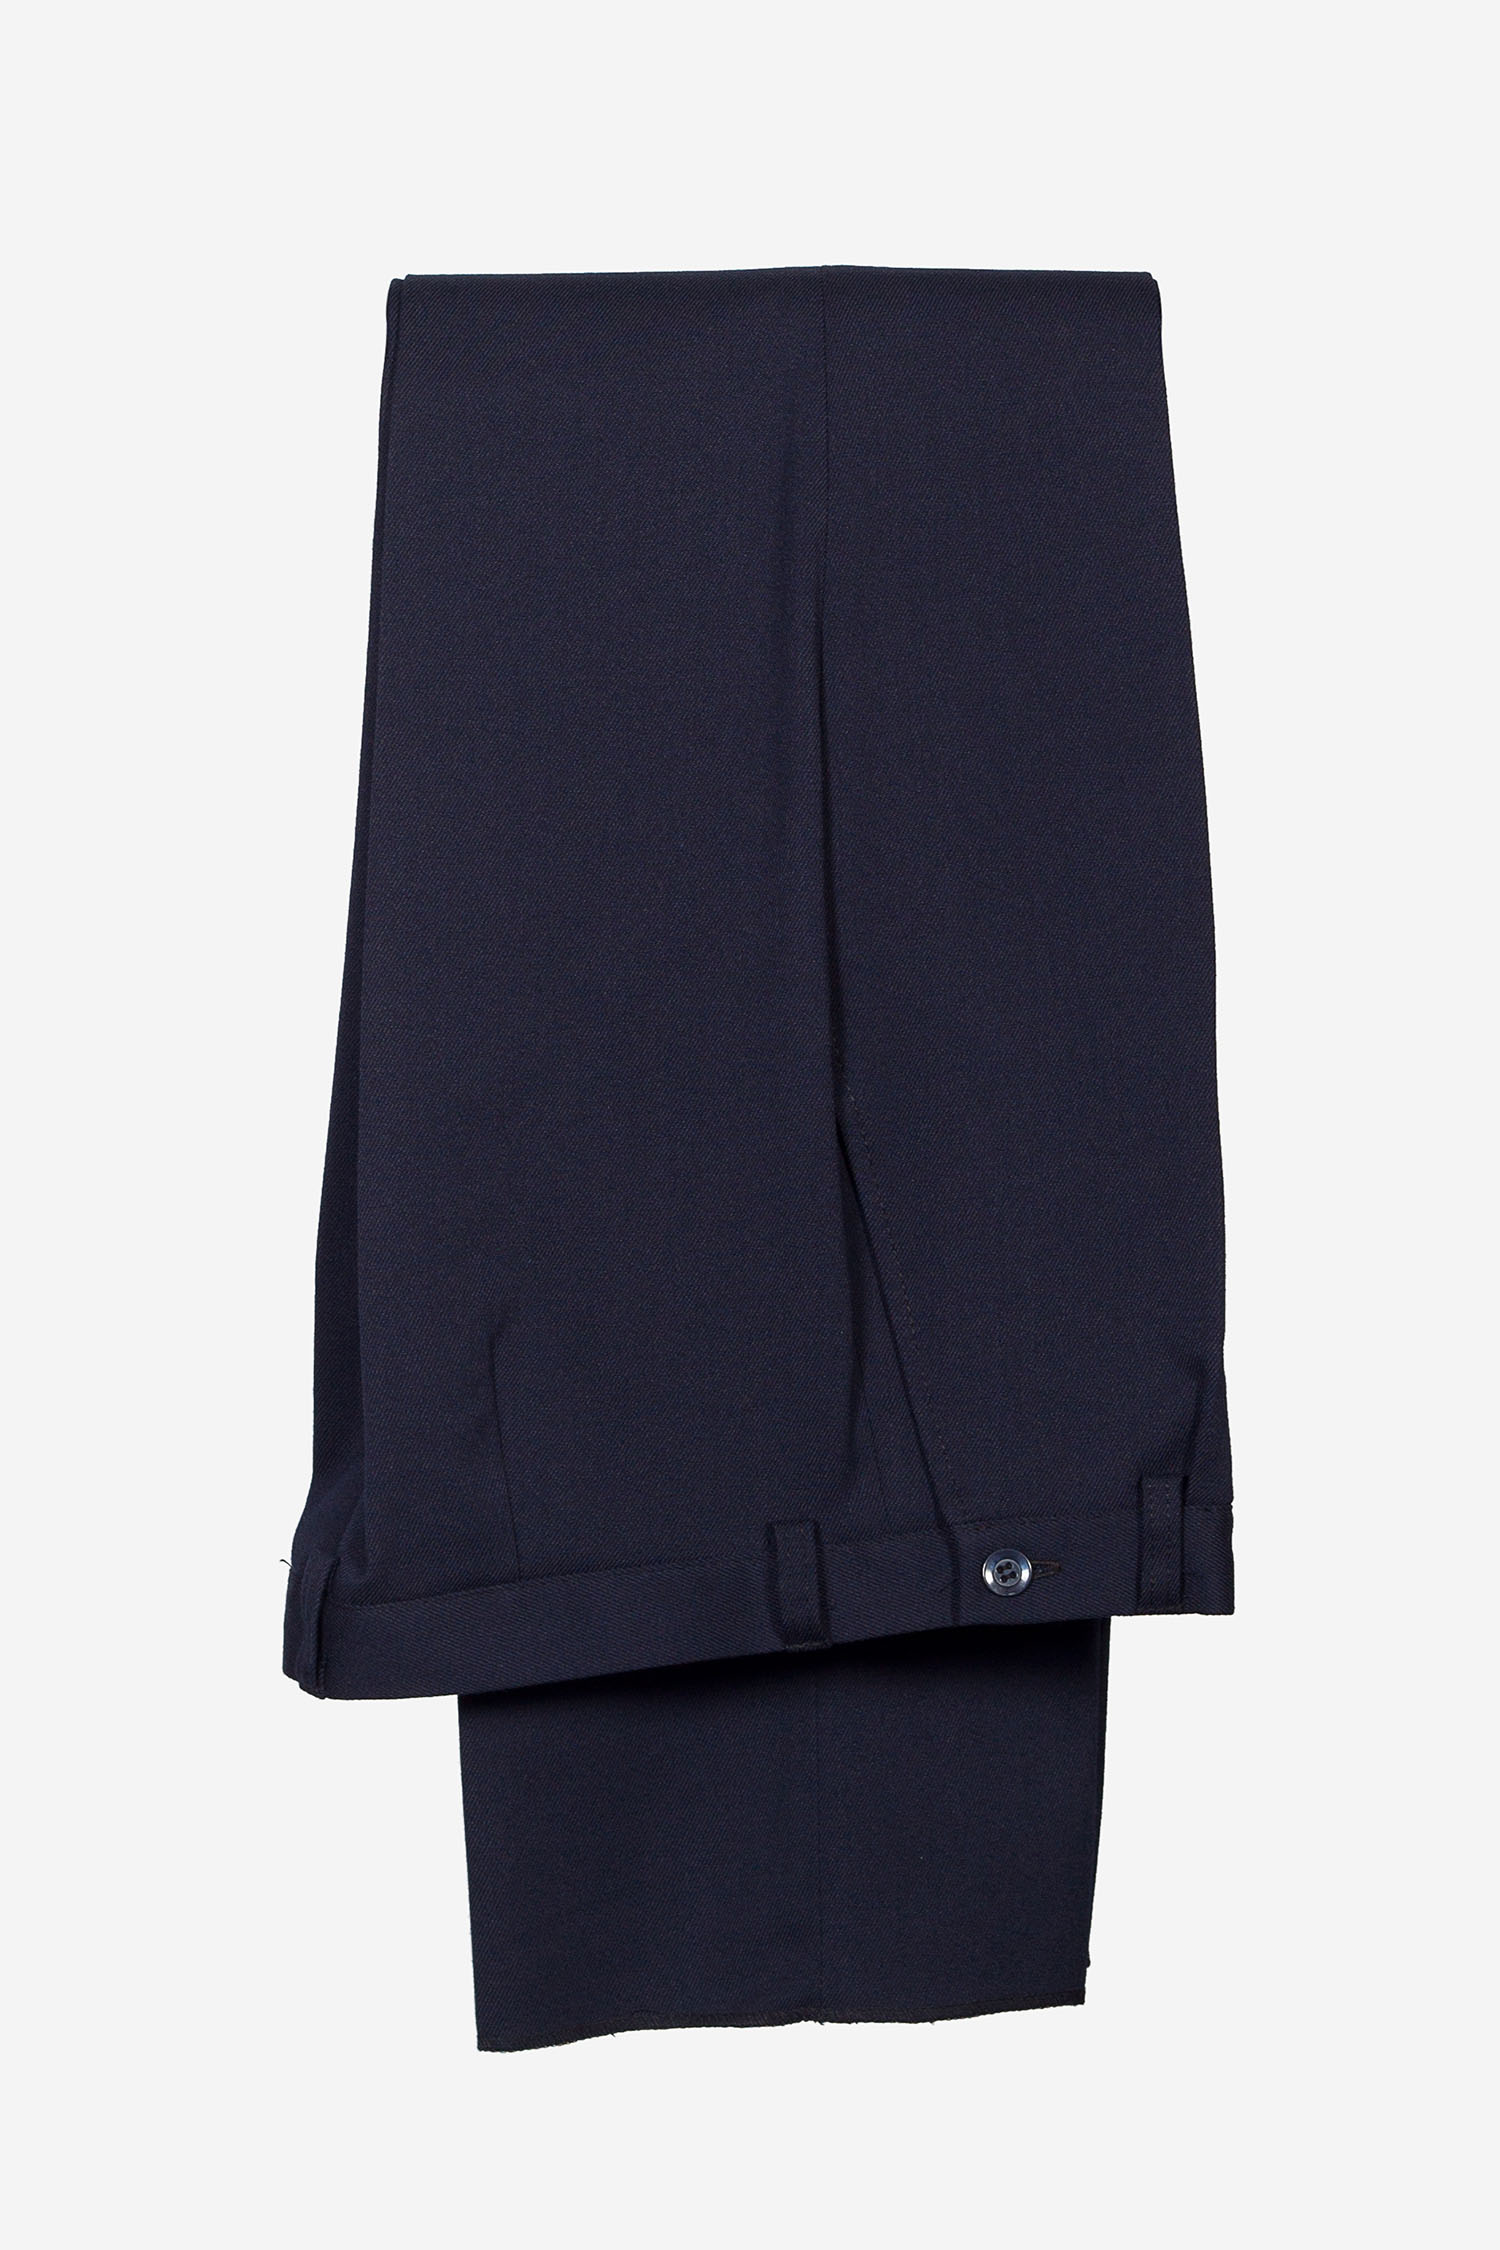 стильные школьные брюки синего цвета для мальчиков